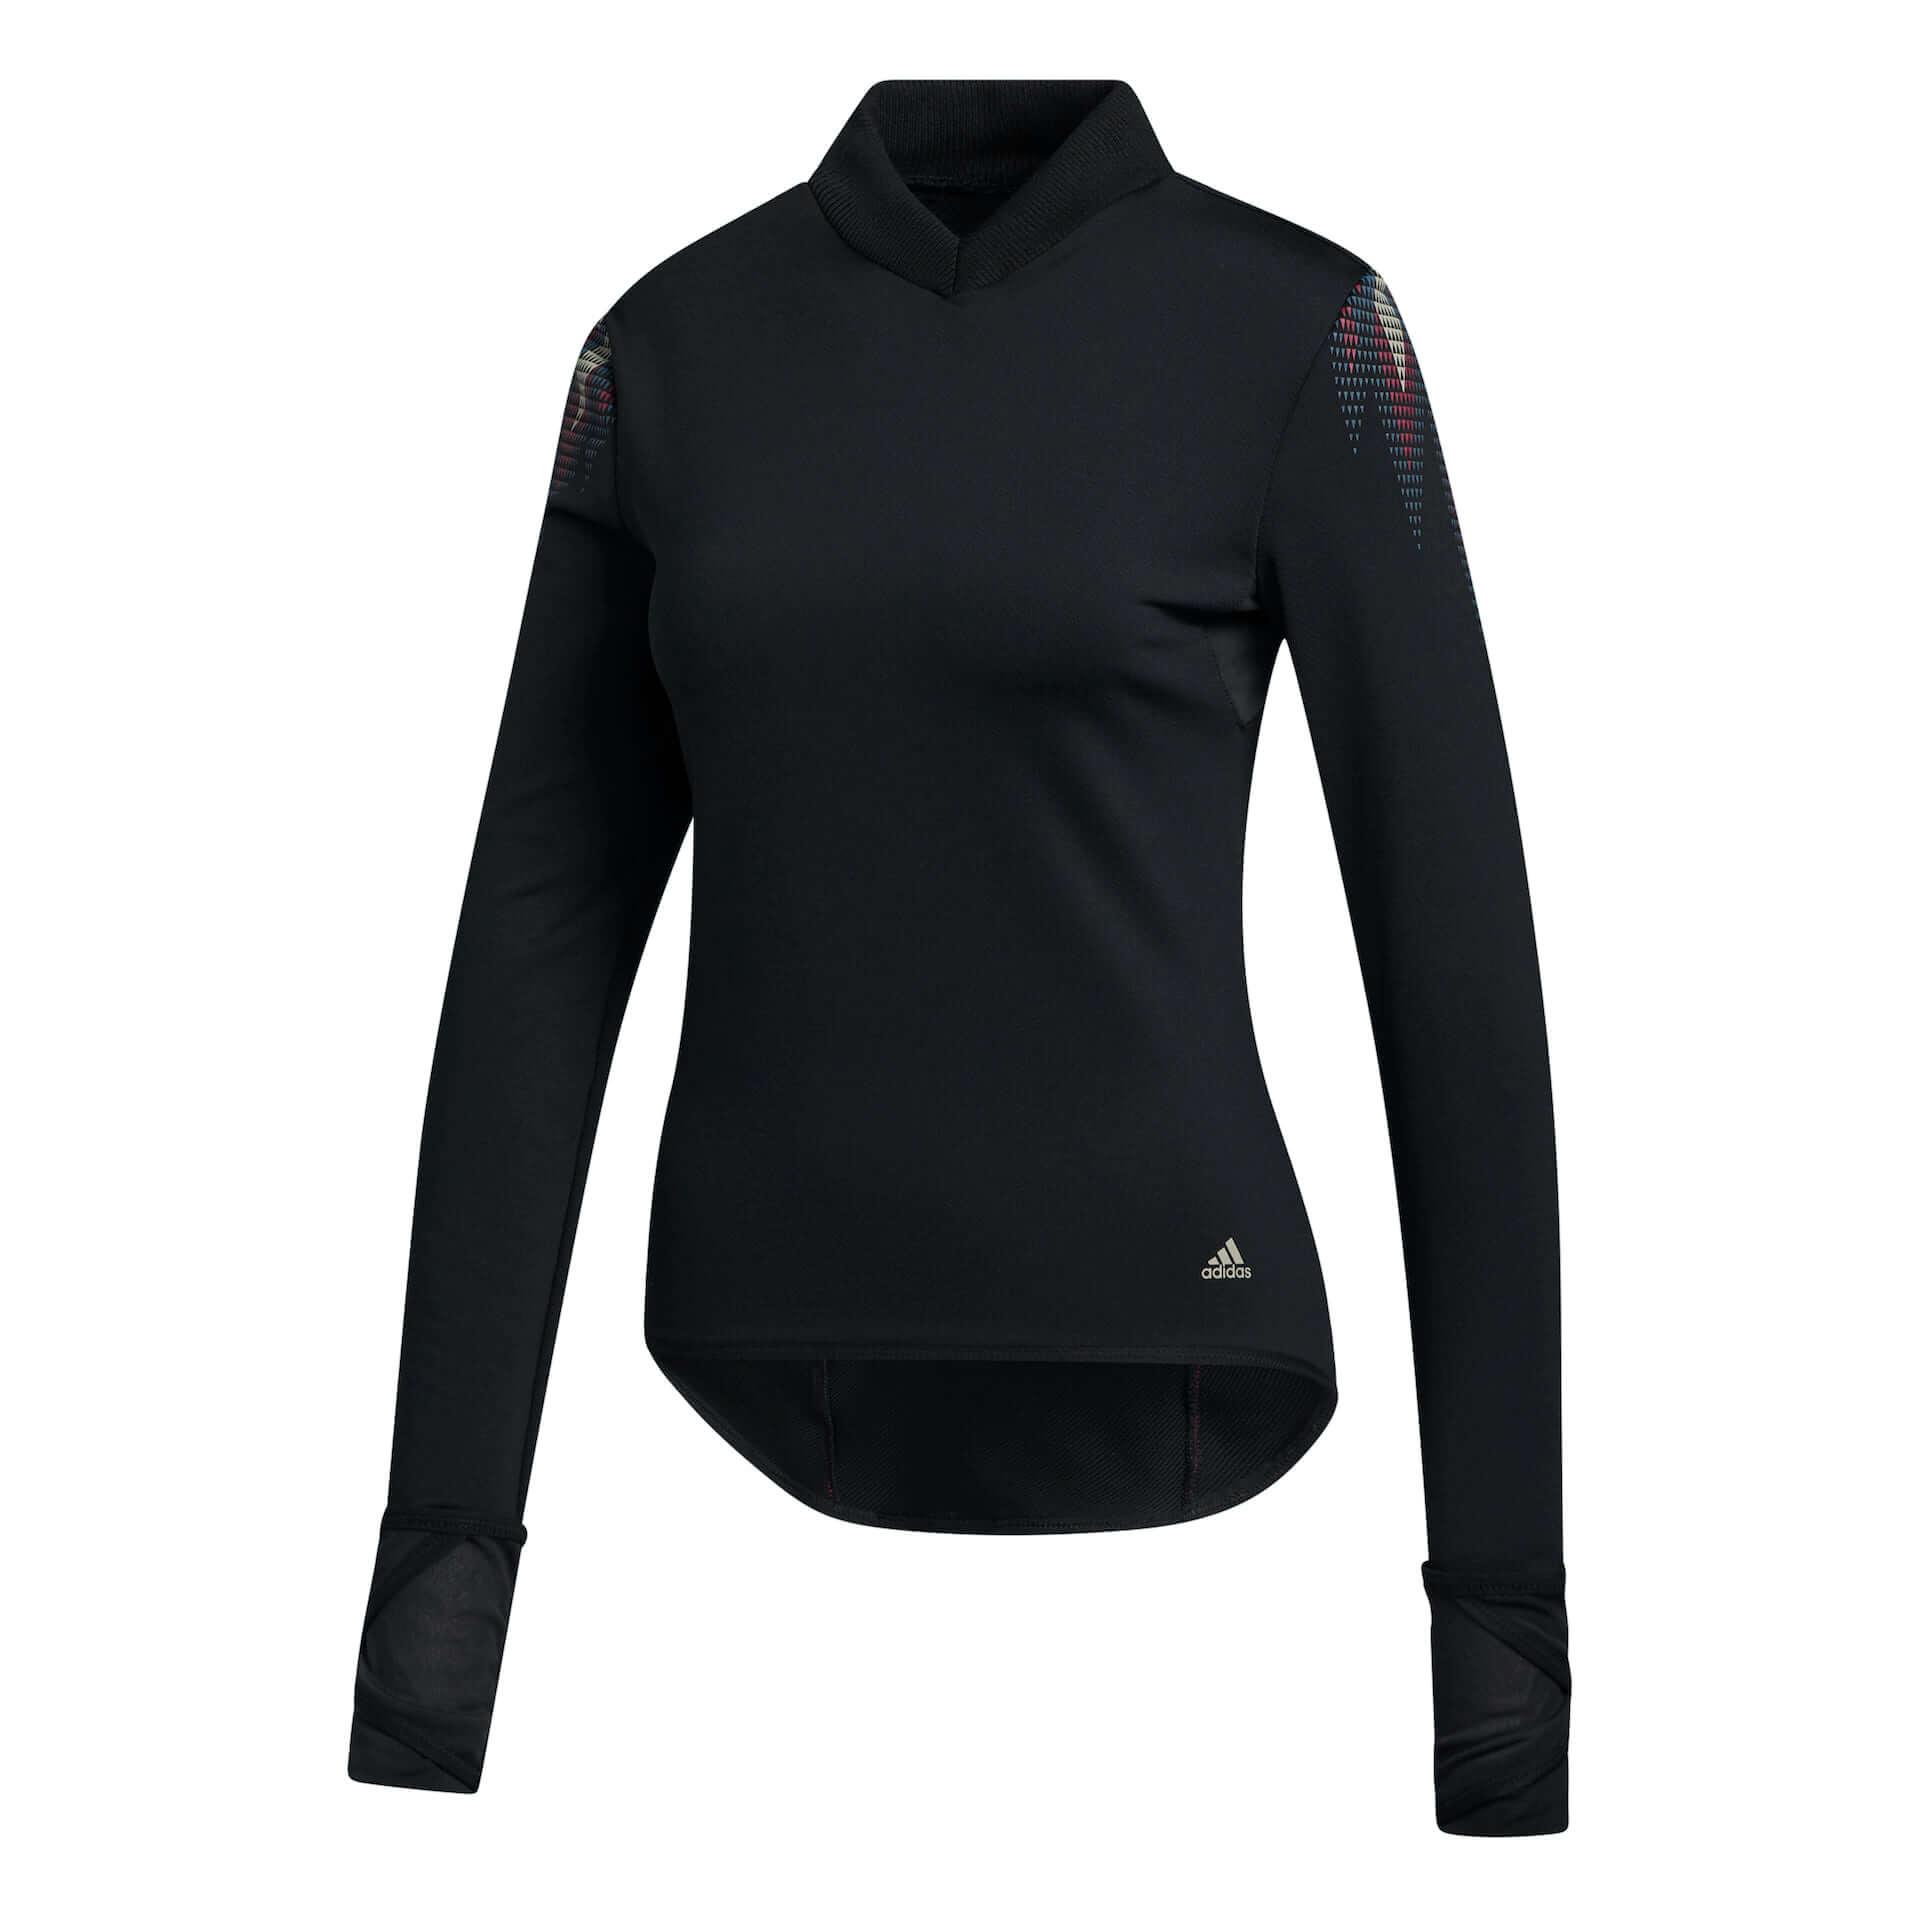 アディダスが2020年秋冬コレクション「adidas COLD. RDY」を発表!暖かさを保つスポーツウェア、シューズなど多数展開 lf201009_adidas_3-1920x1920